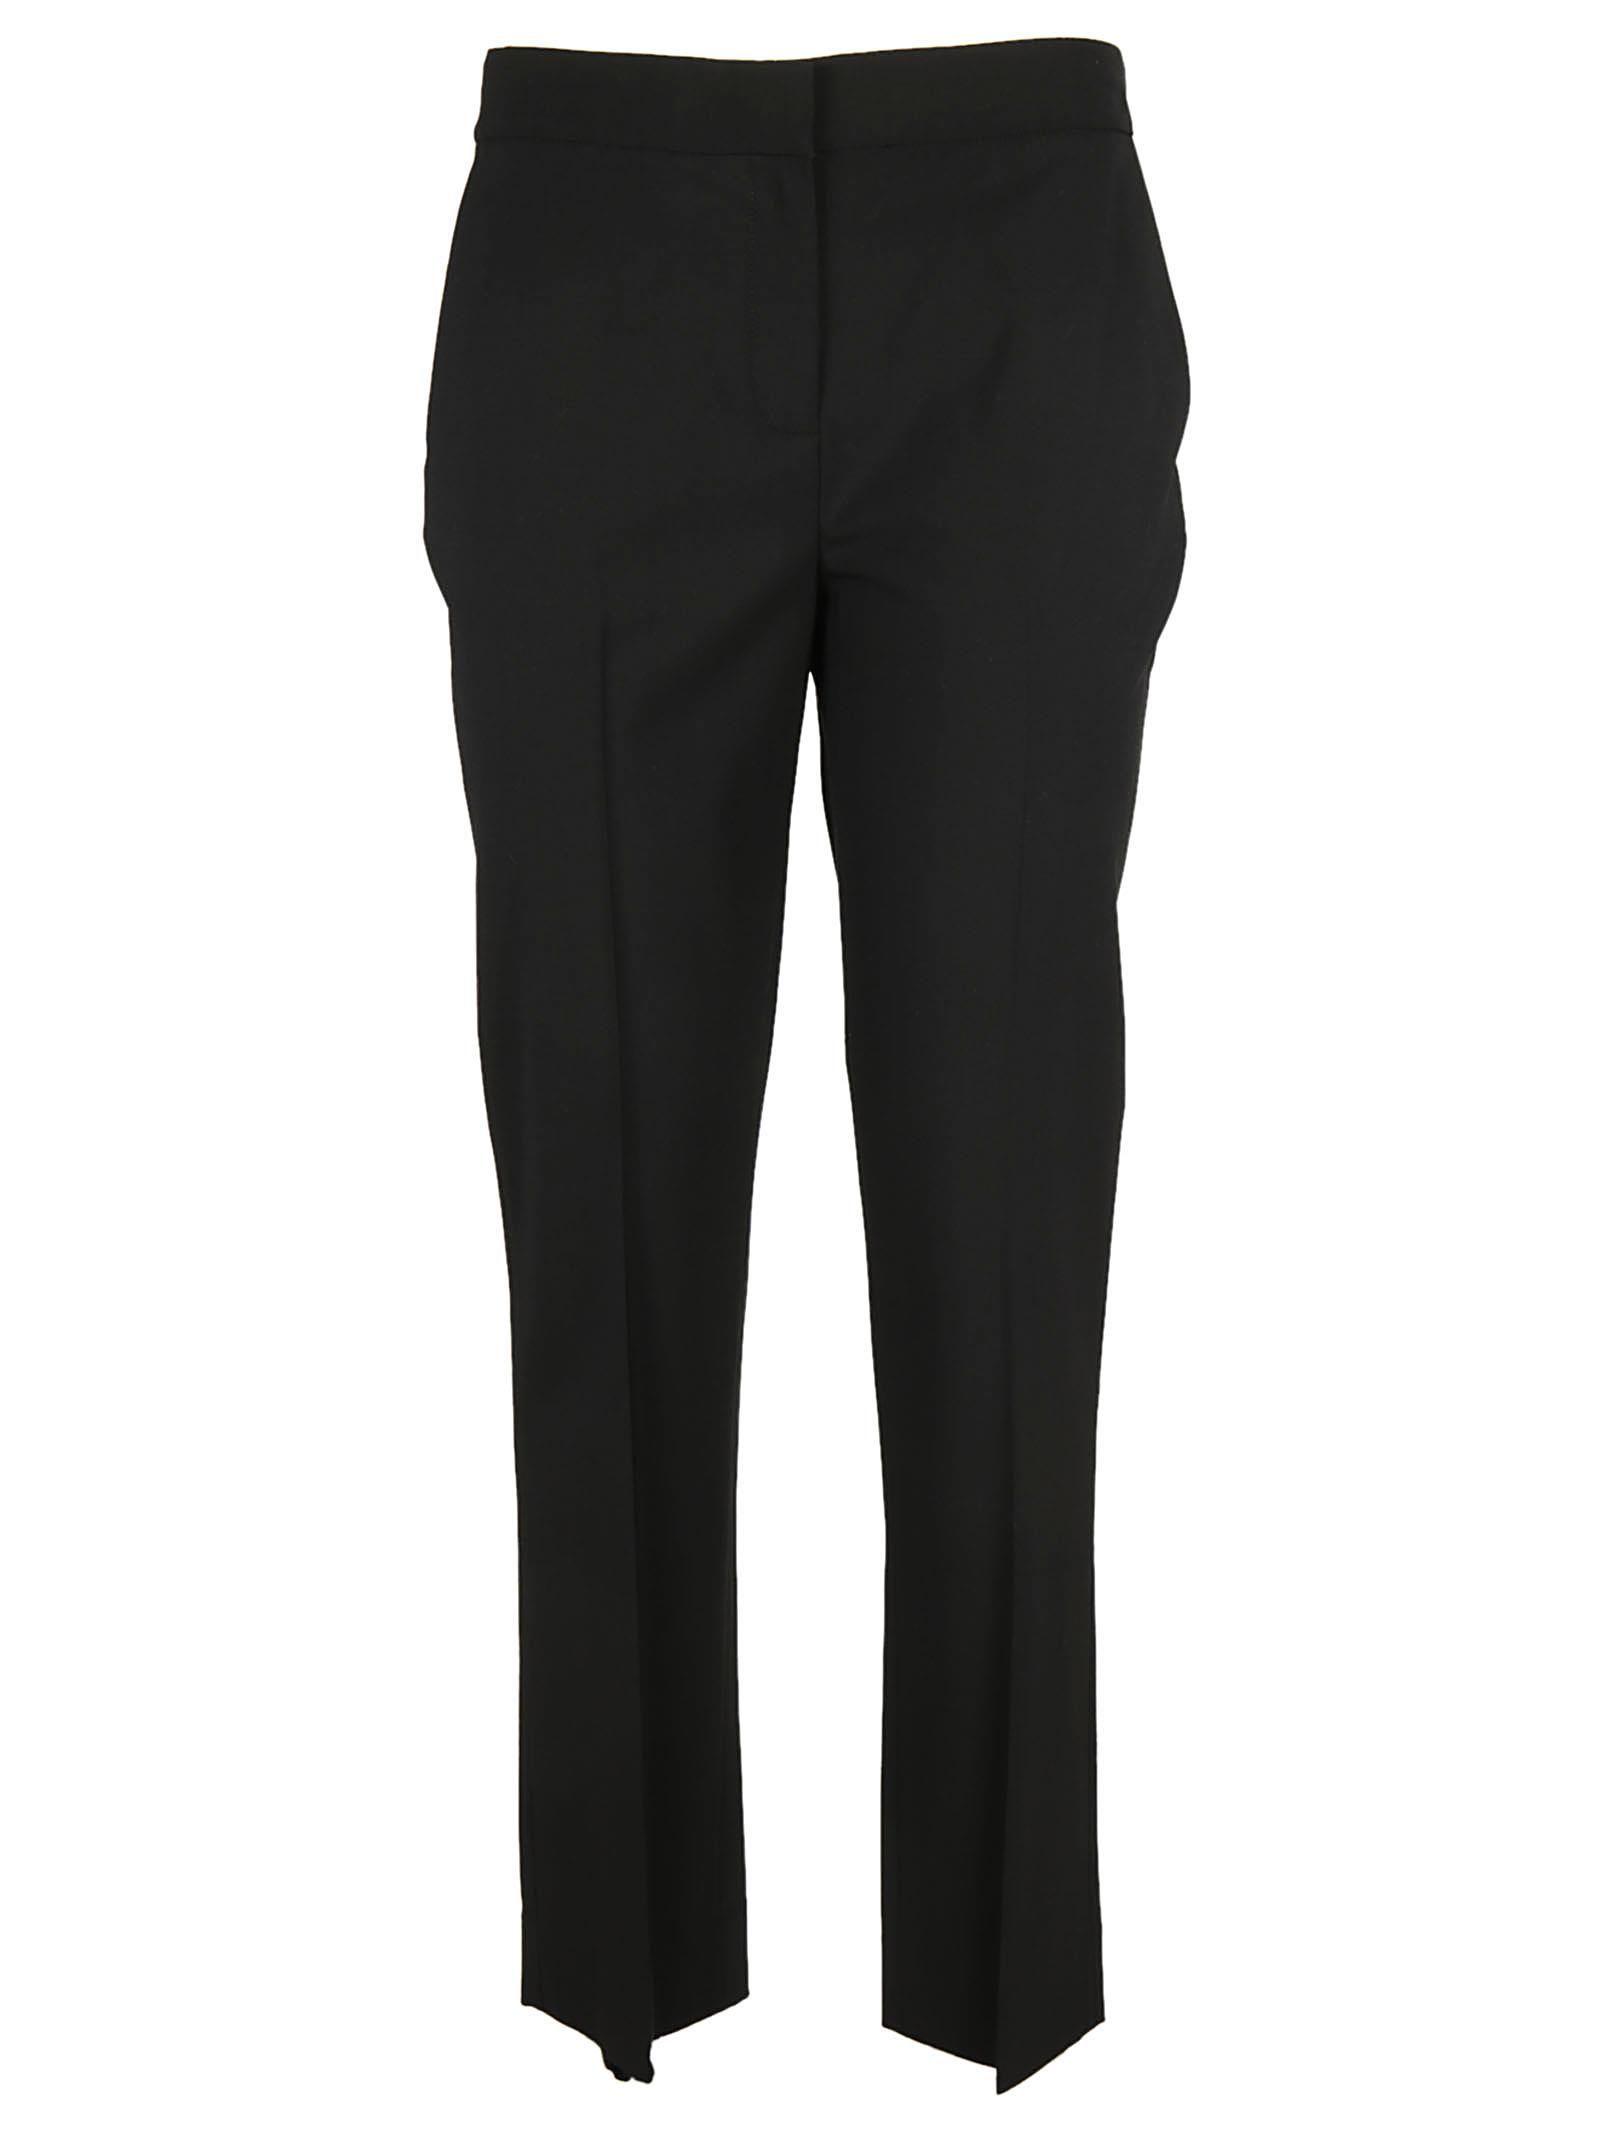 Diane Von Furstenberg Classic Trousers